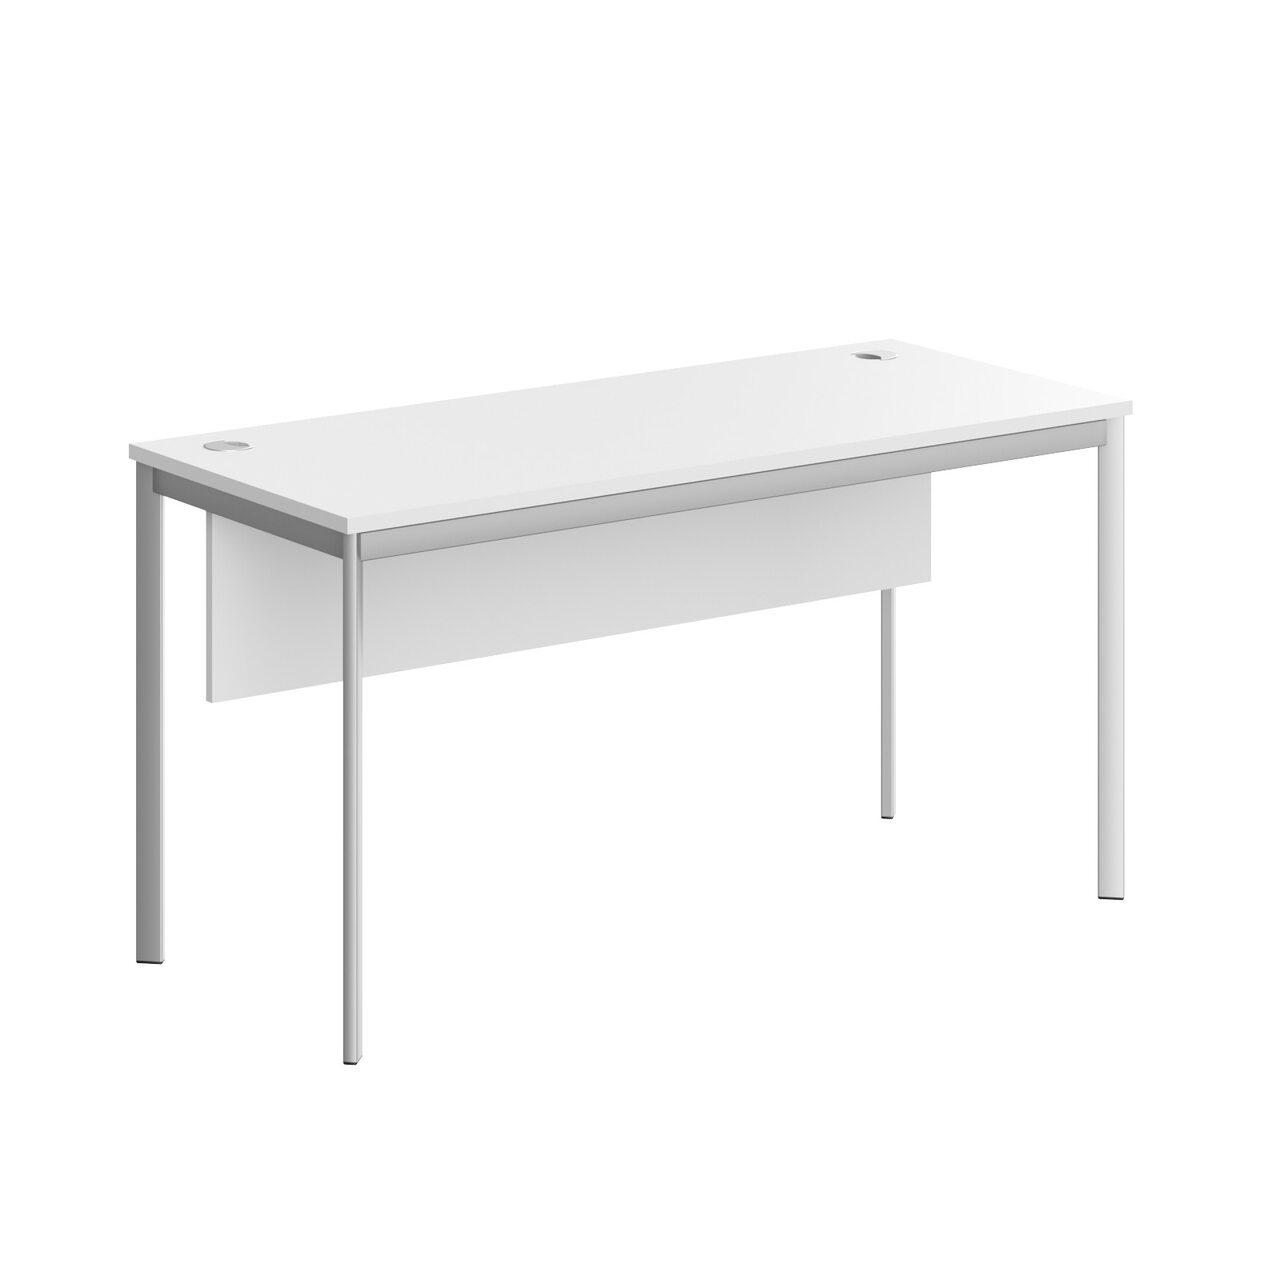 Стол прямой с фрональной панелью  IMAGO-S 140x60x76 - фото 2